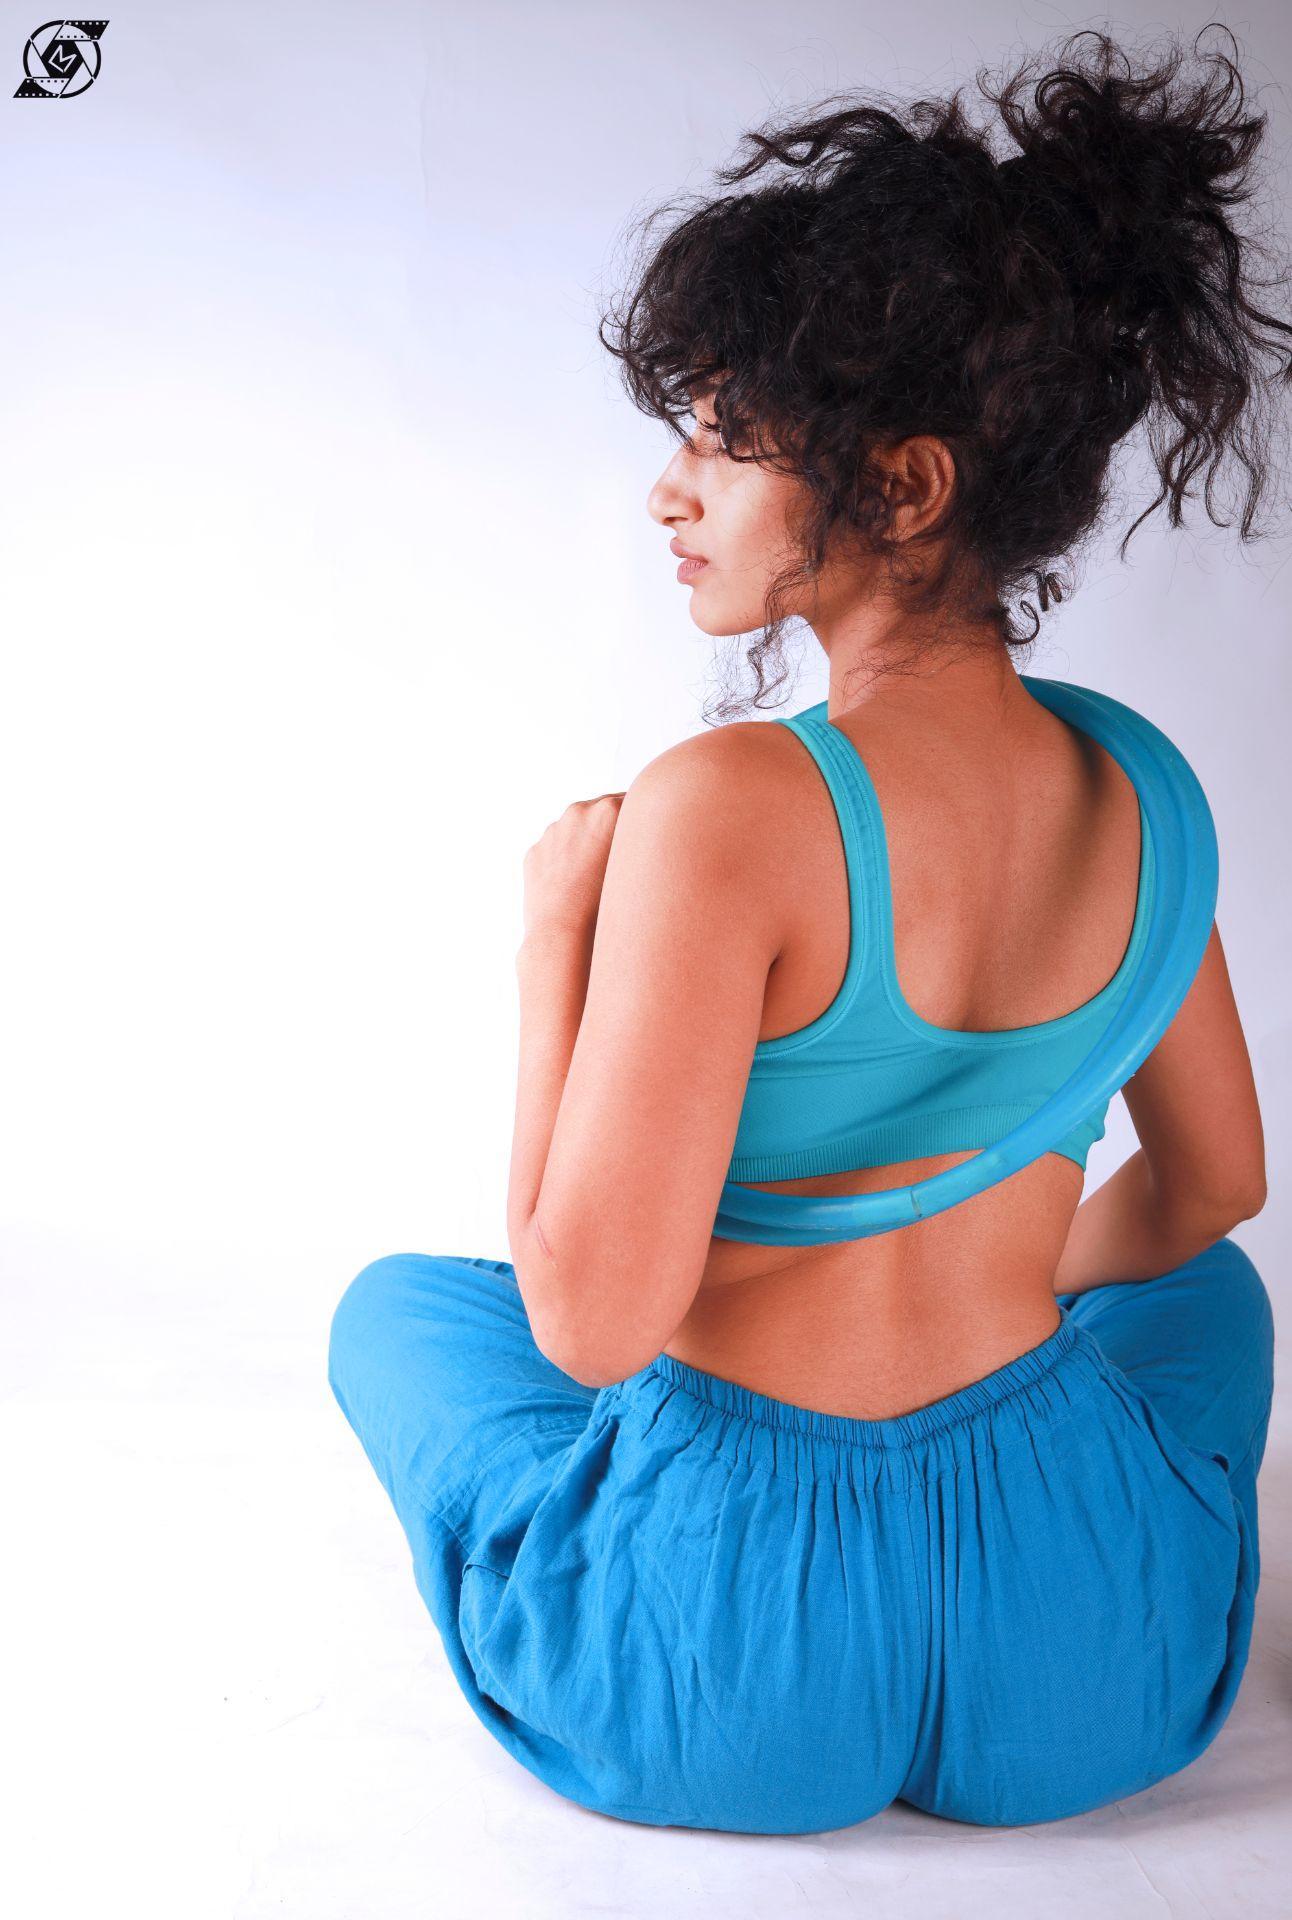 Hoop flow blue pose left profile side wearing sporty bra